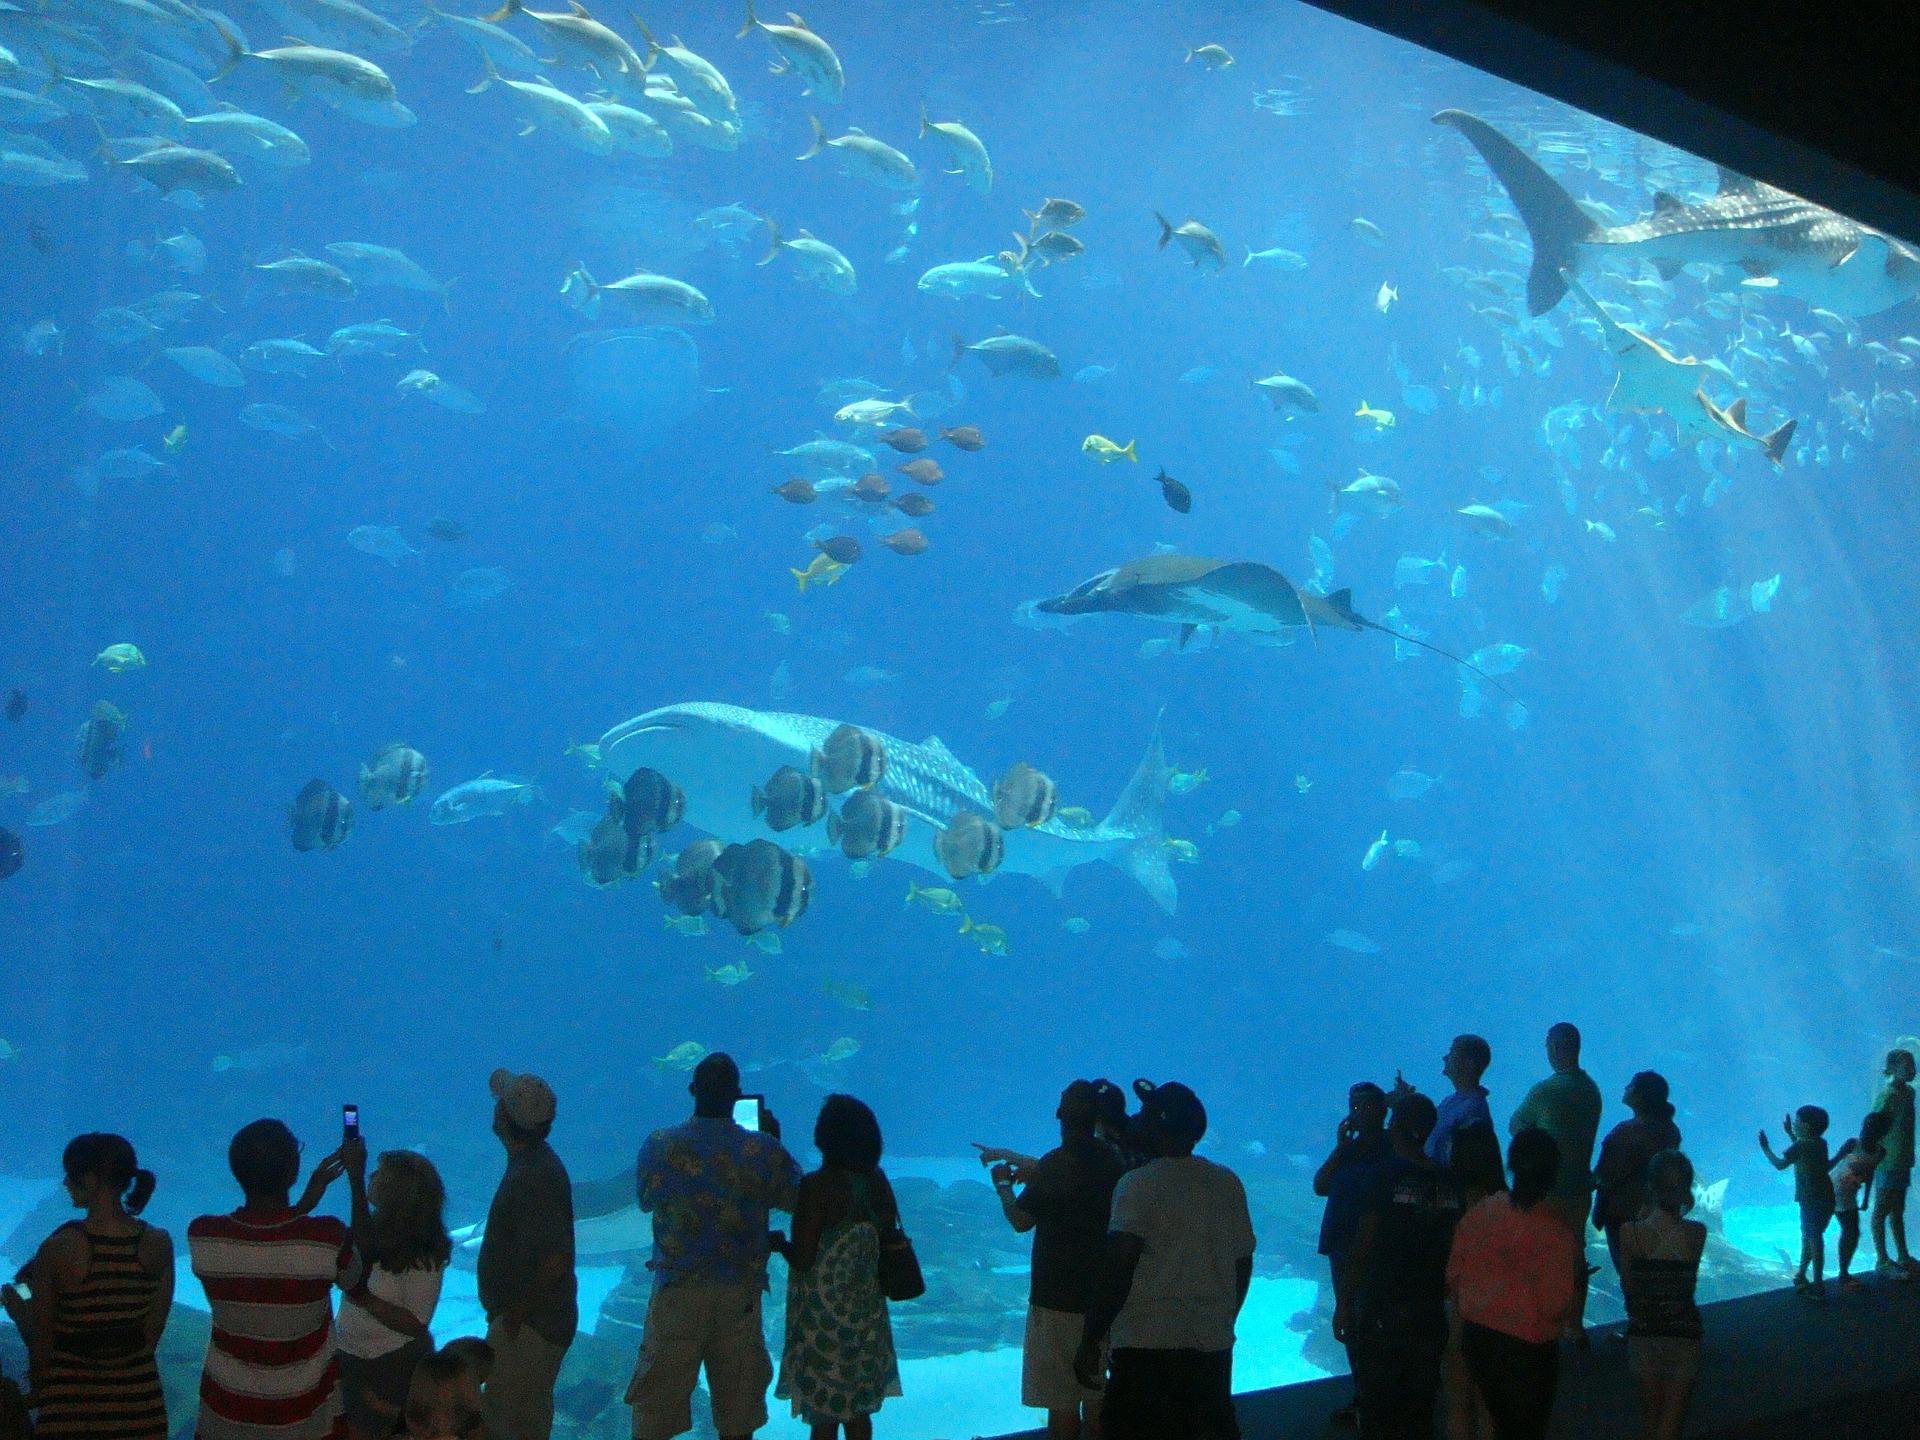 aquarium-456566_1920.jpg